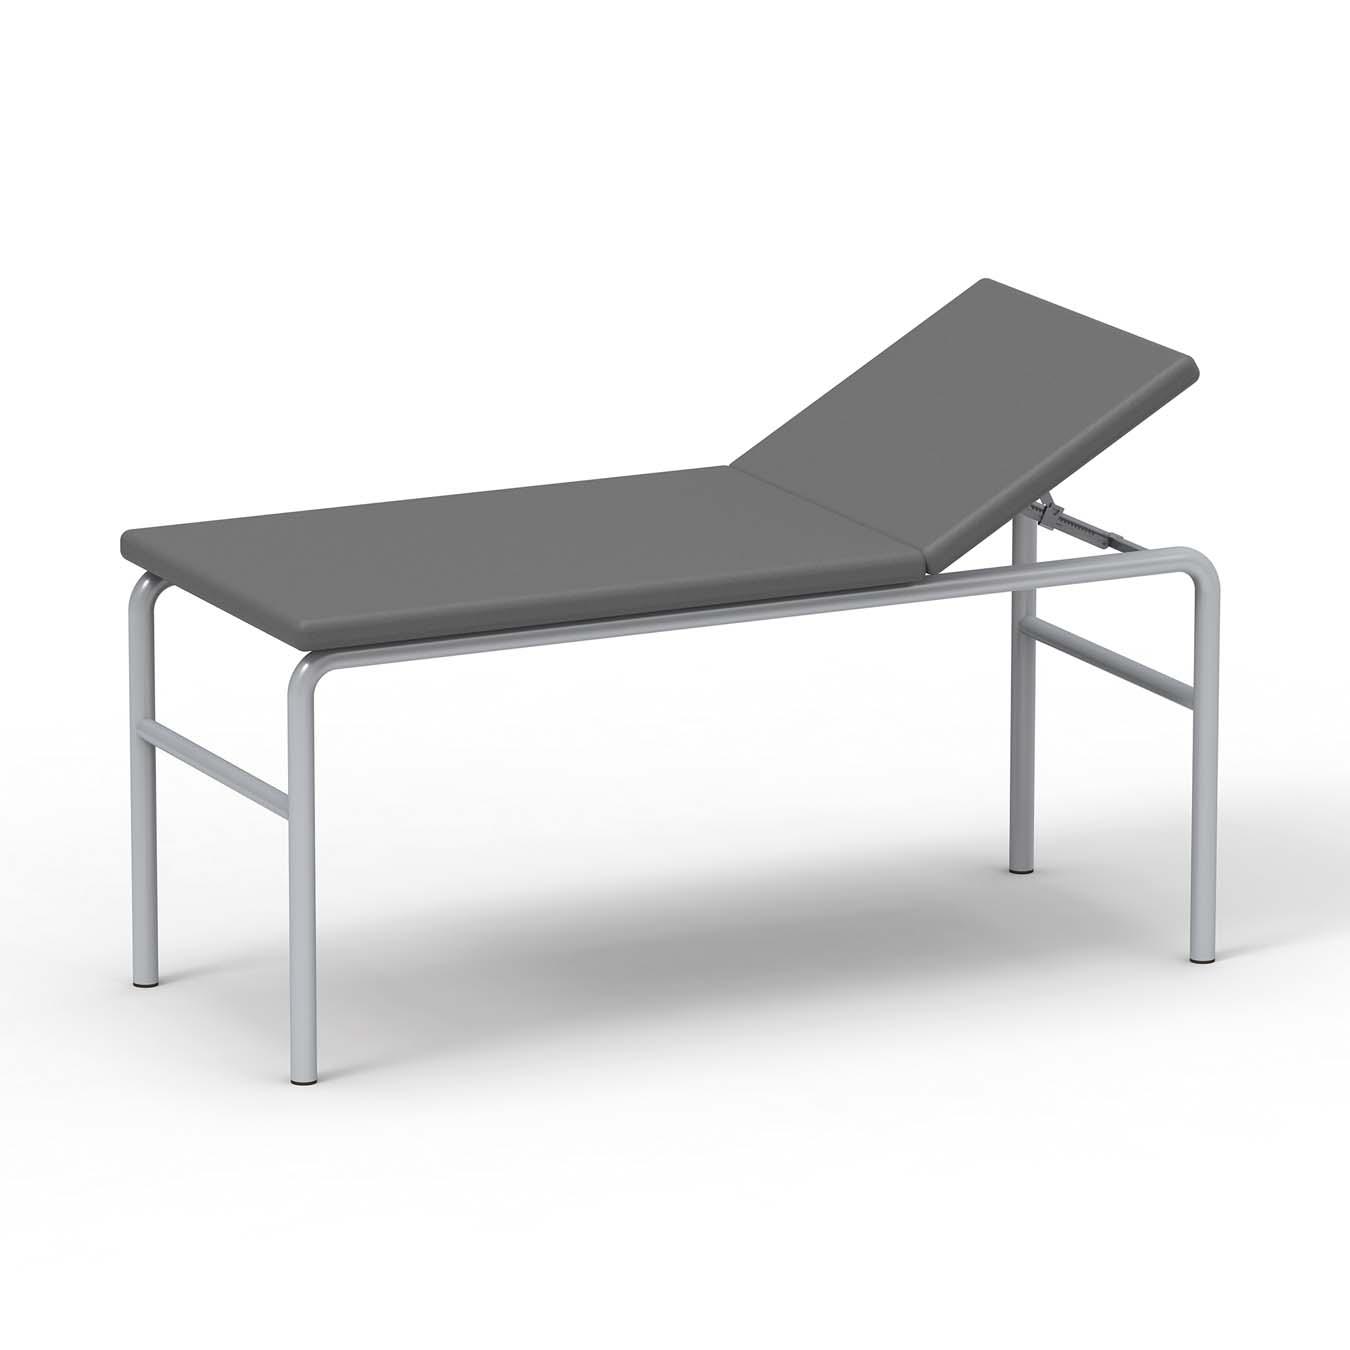 AX385_2_Heavy-Duty-Examination-Couch_1